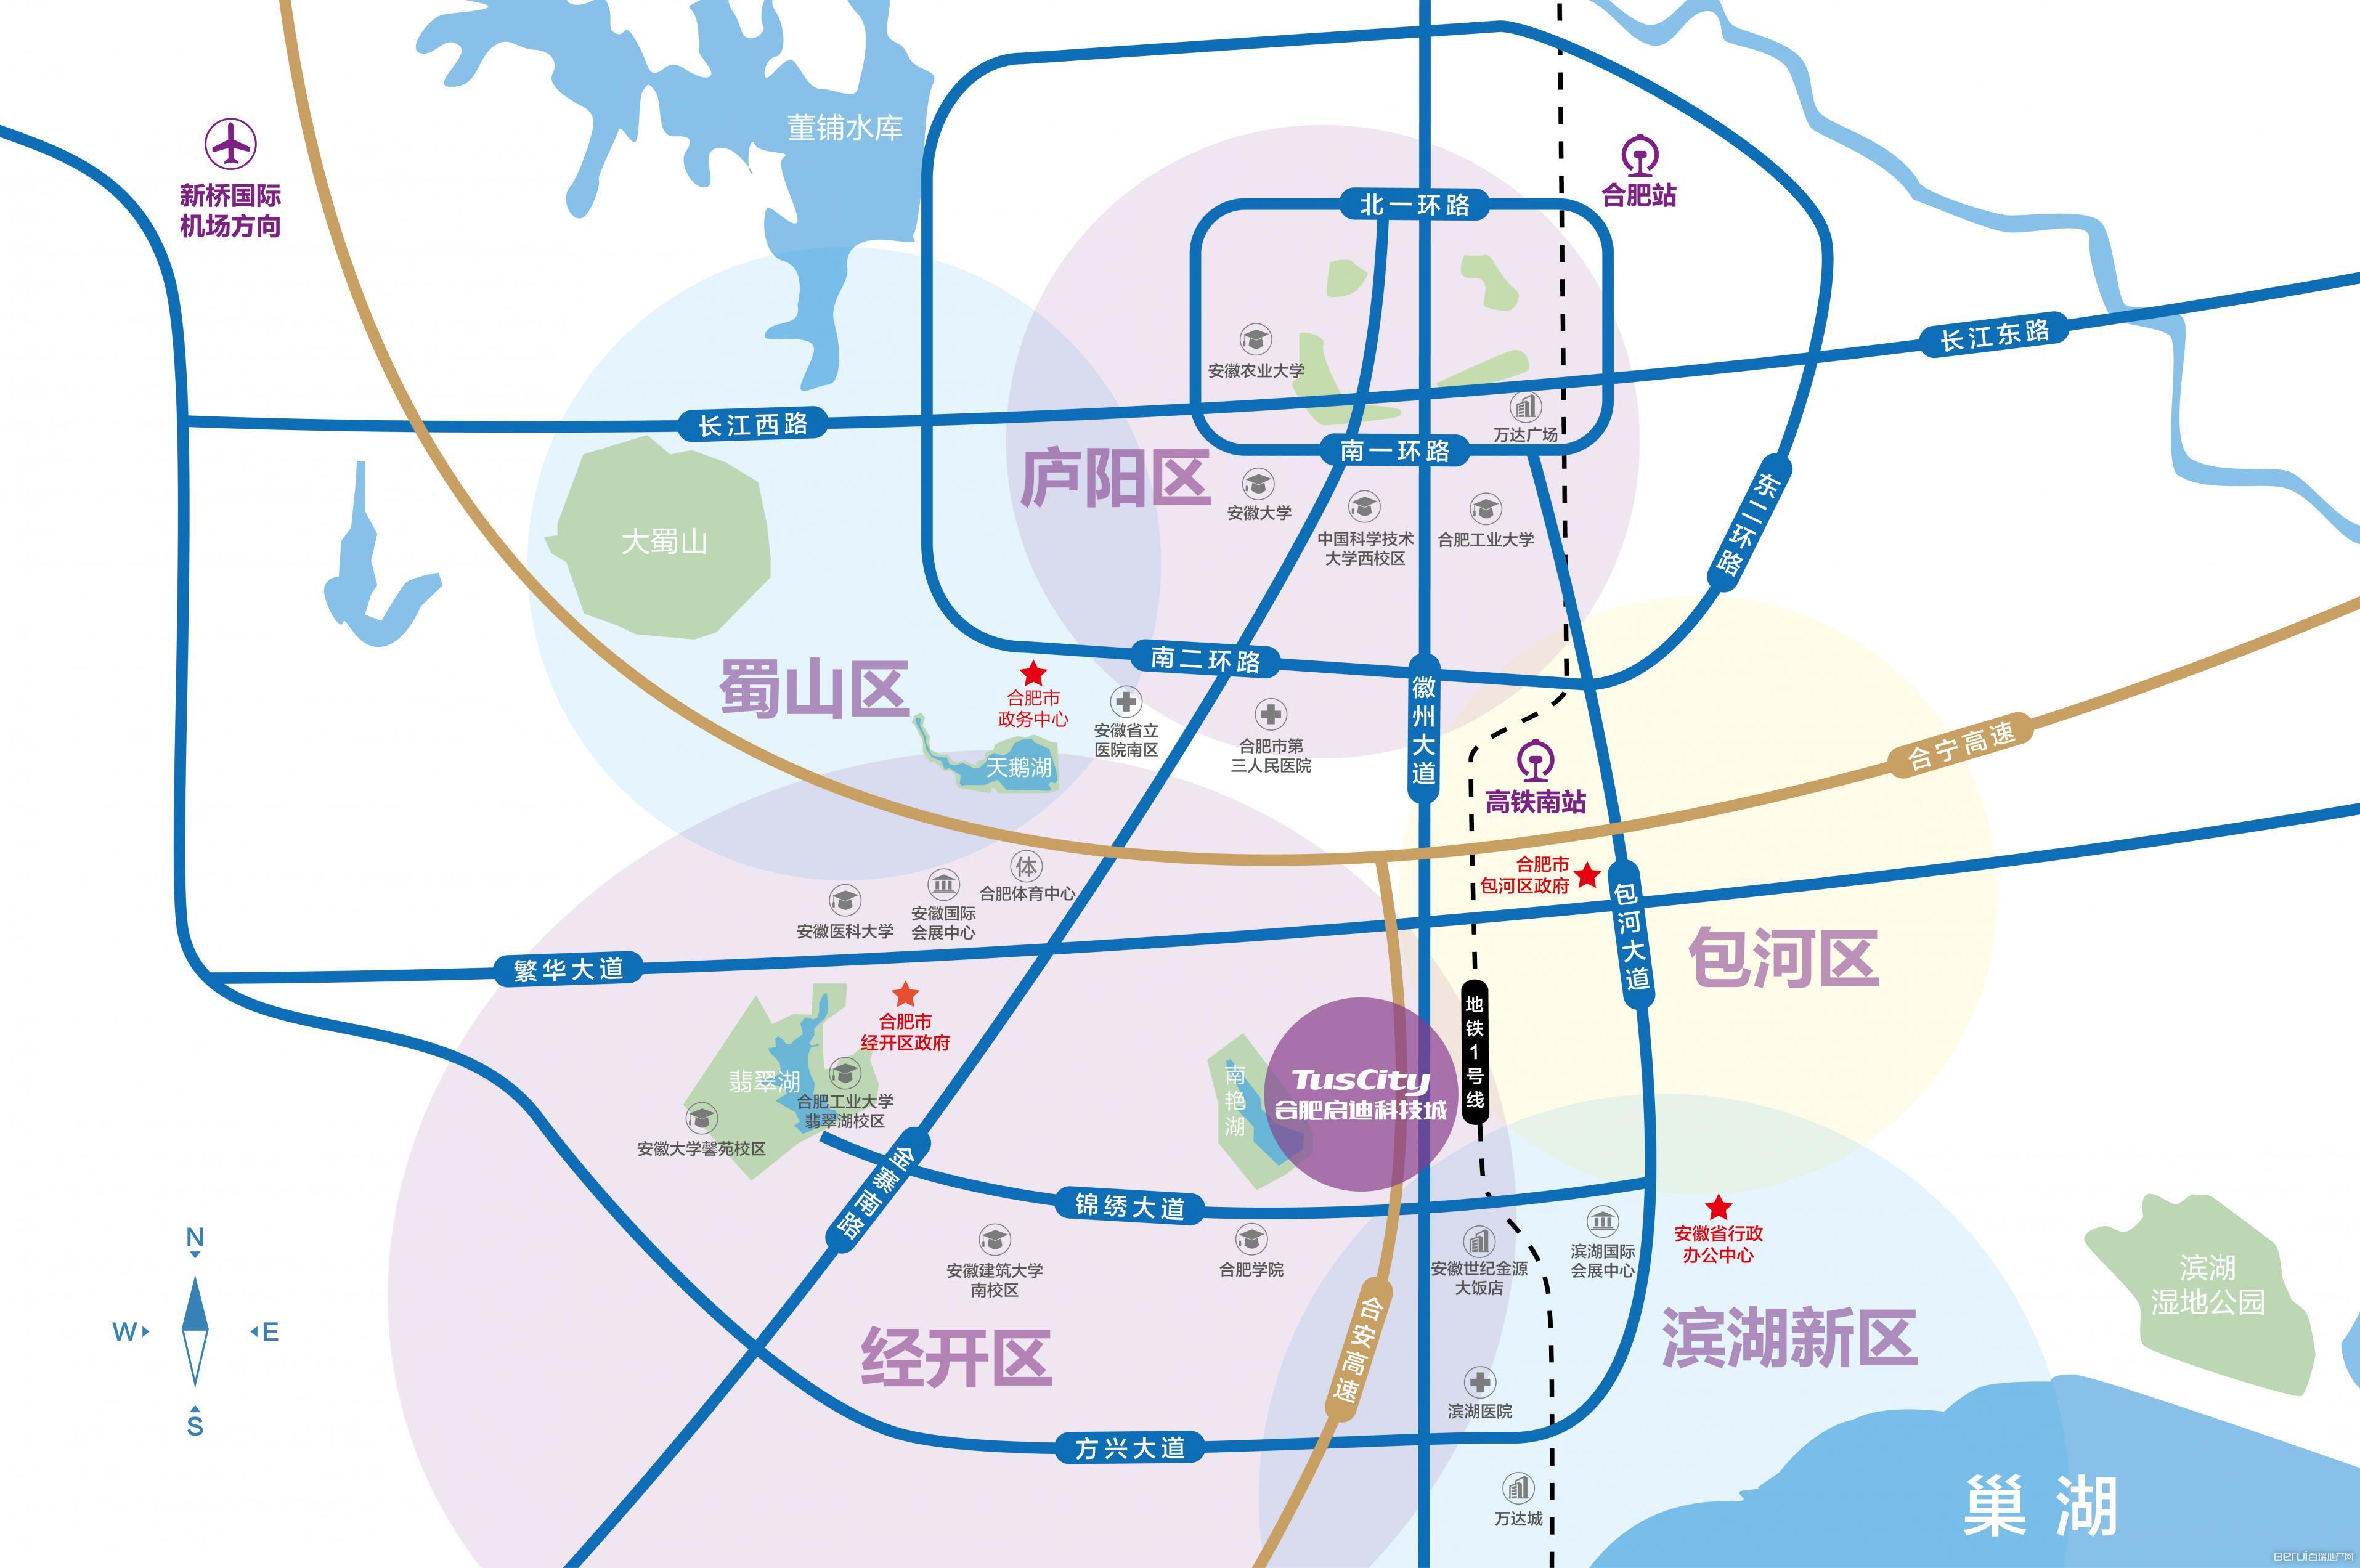 合肥启迪科技城区位图